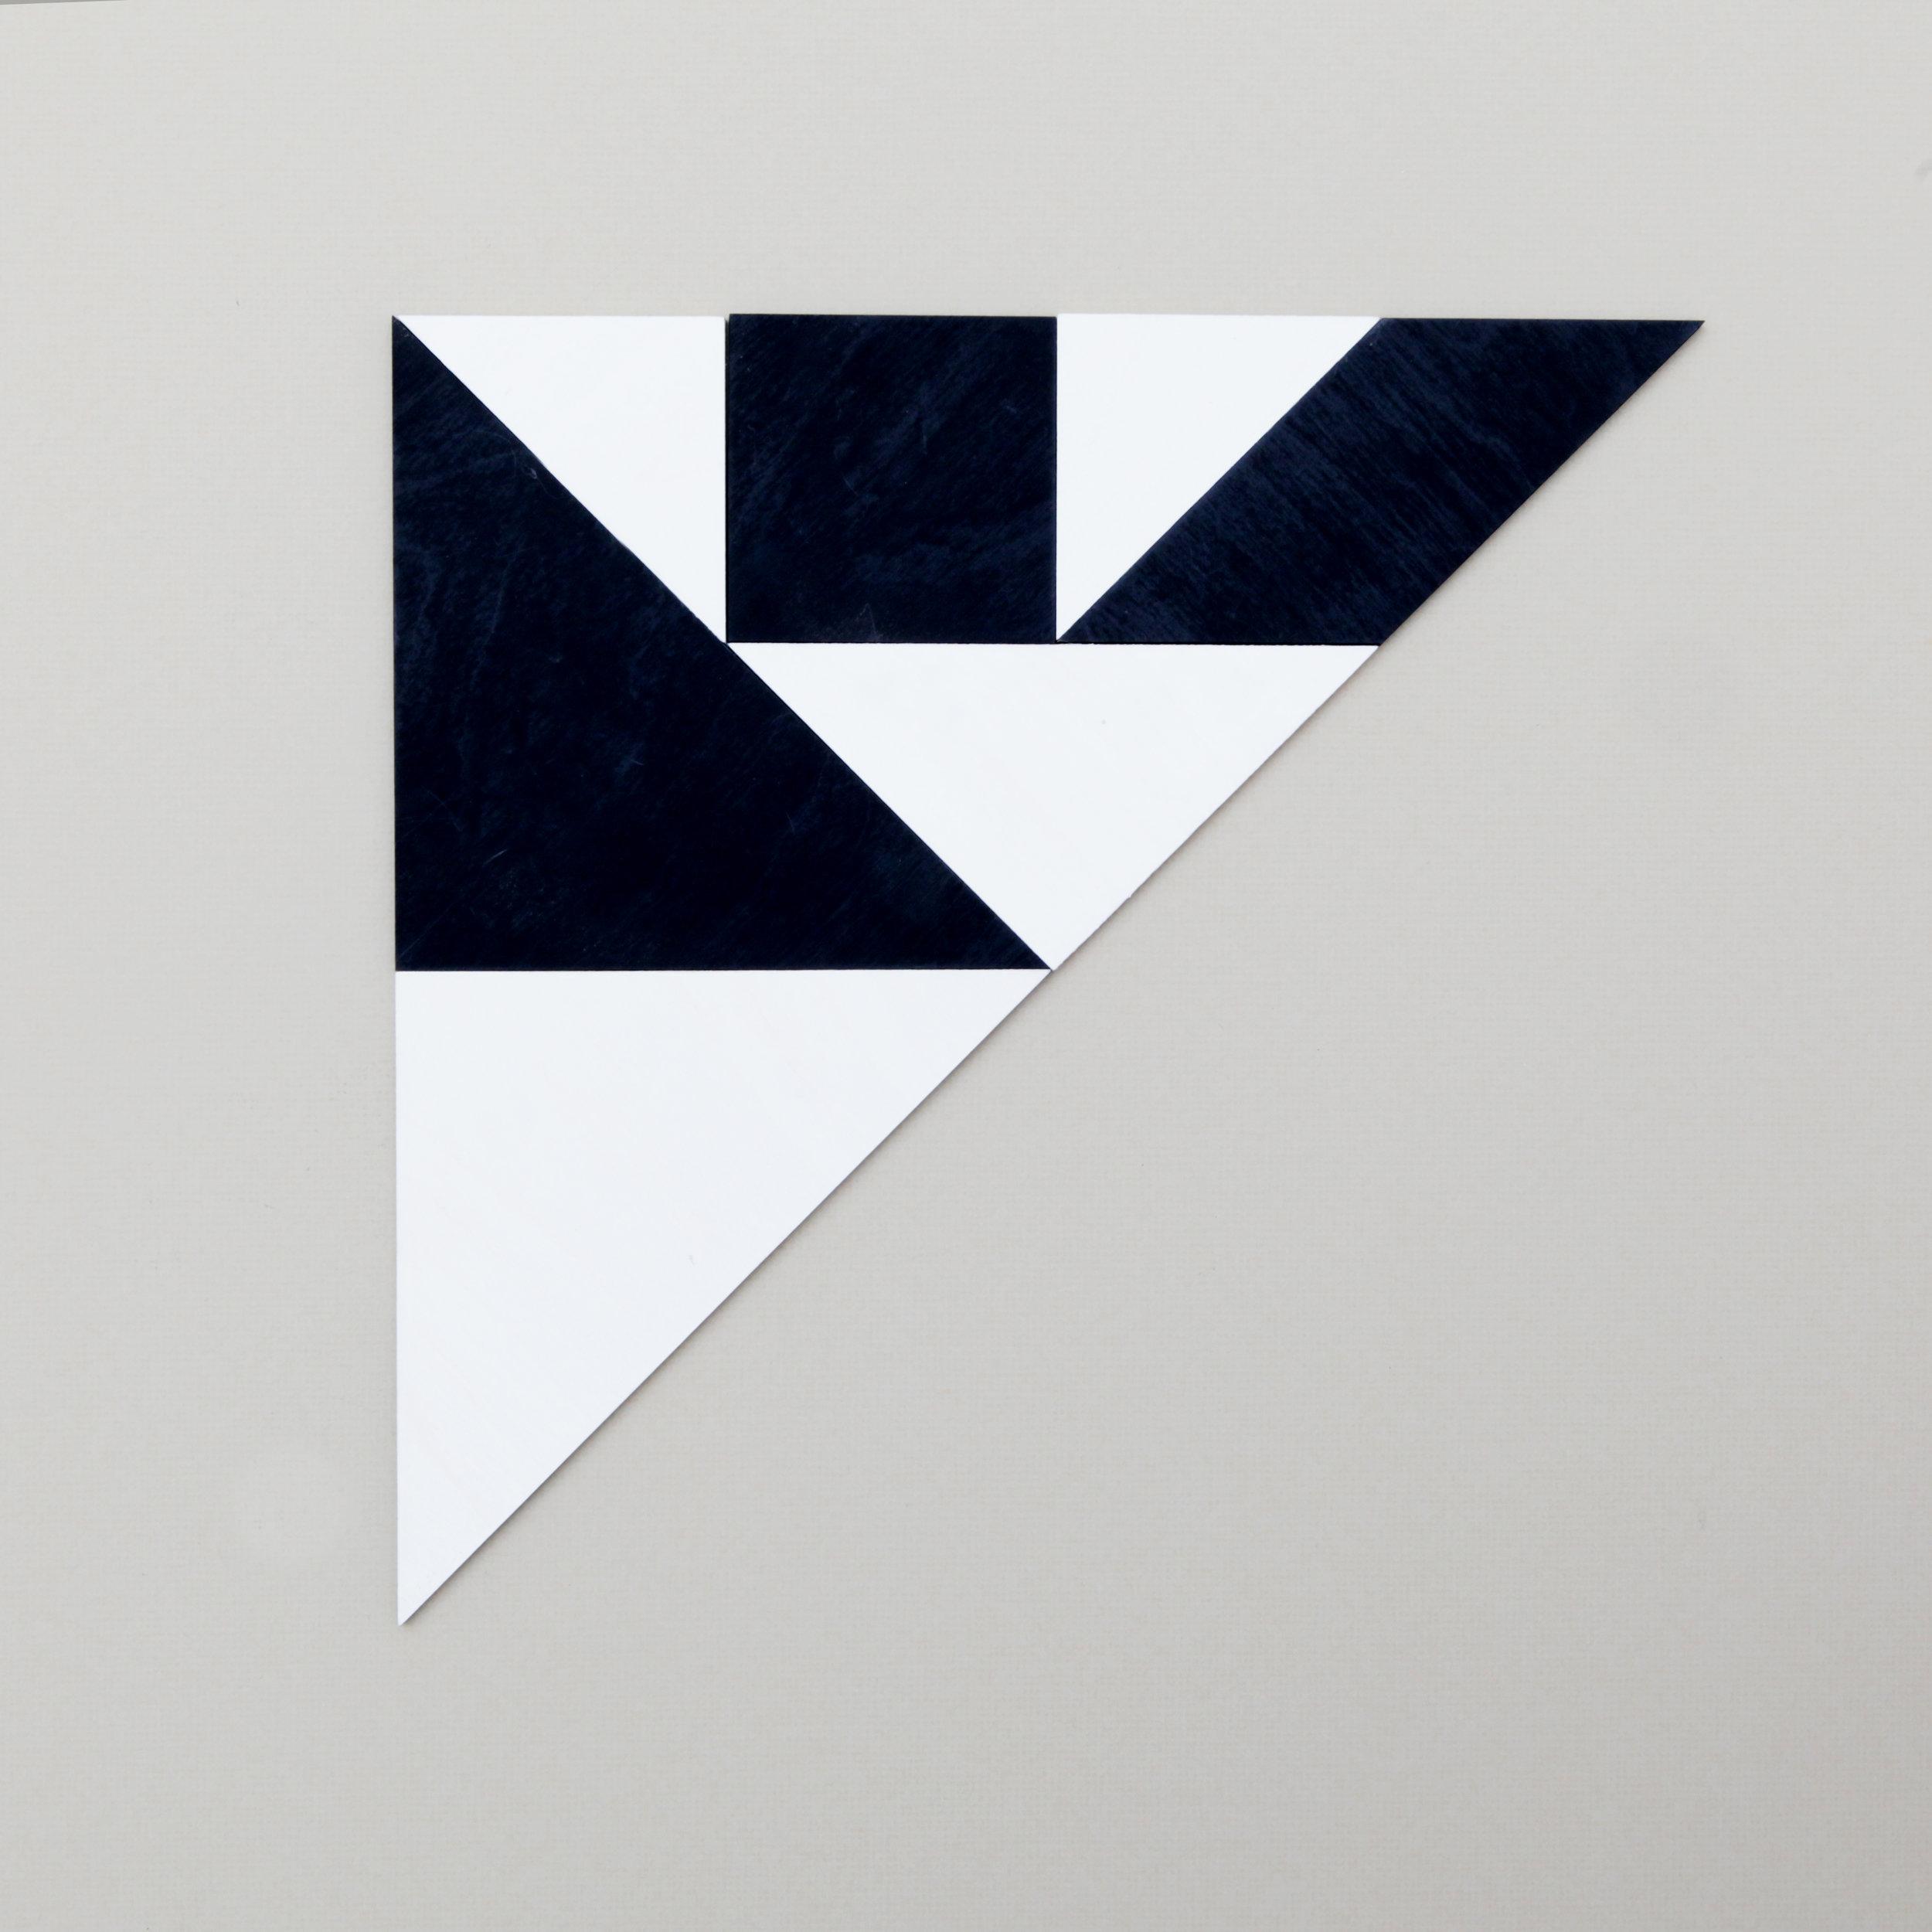 Tangram_3.jpg